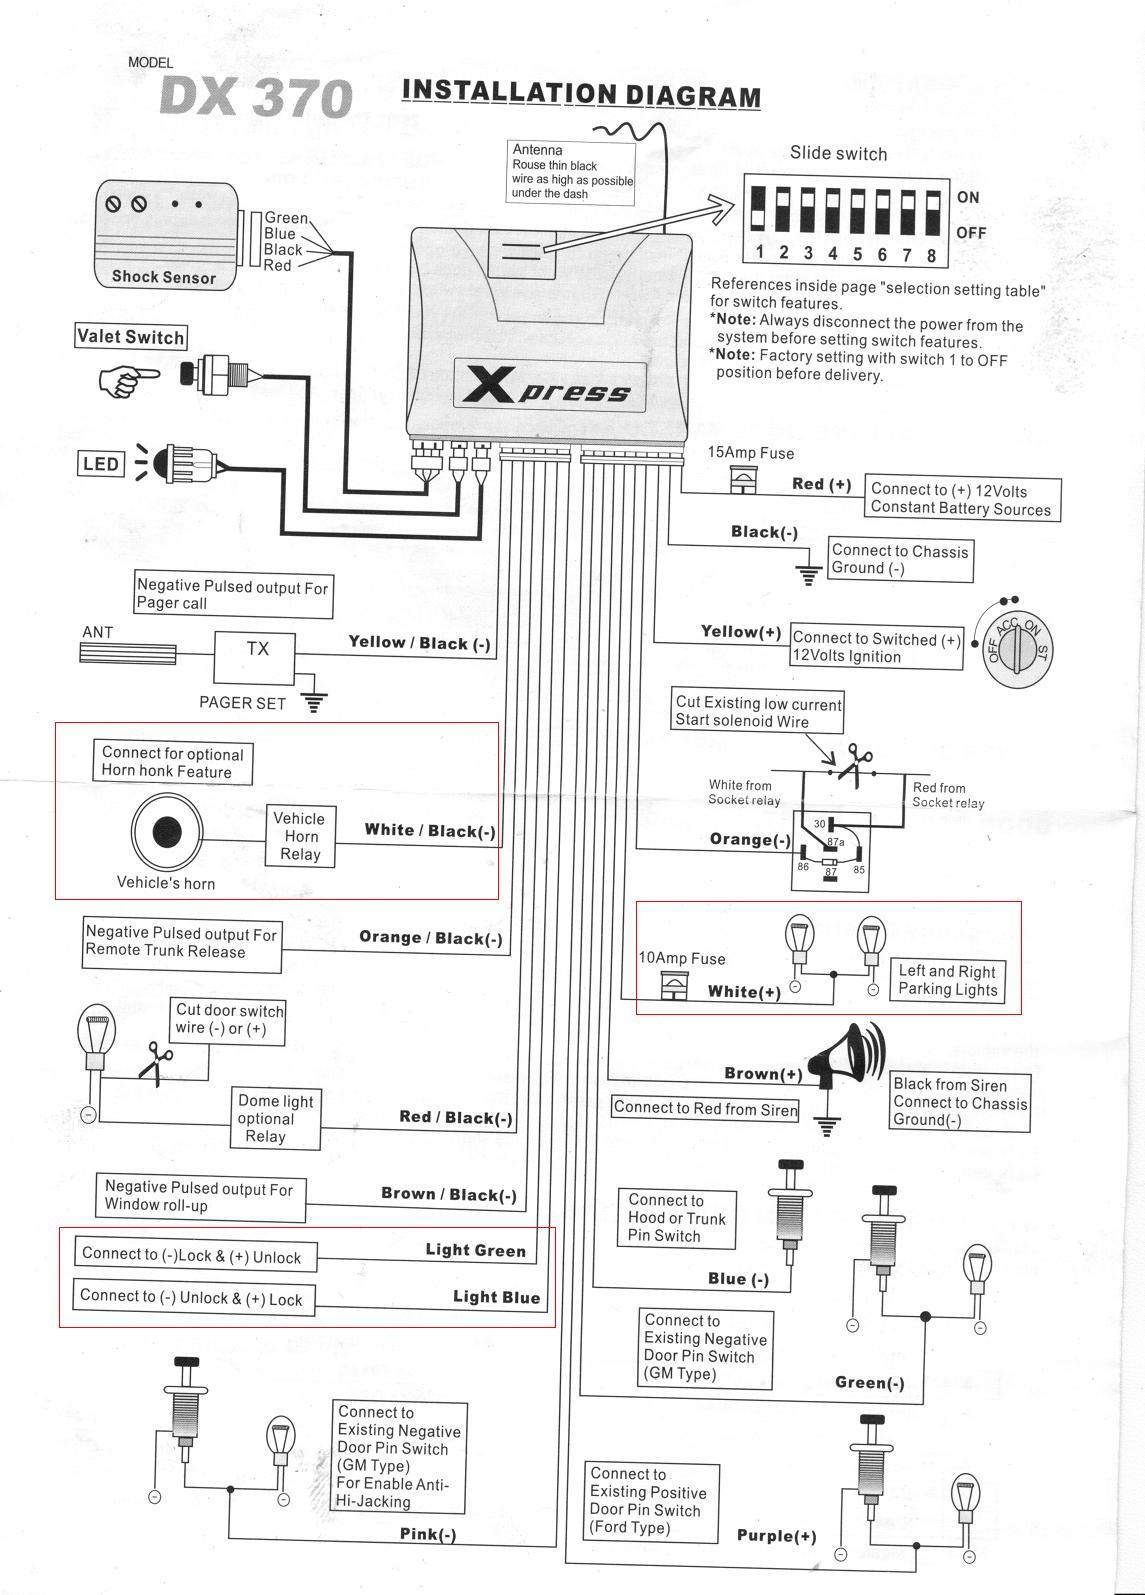 clifford matrix wiring installation - 5 1 kenwood amplifier wiring diagram  for wiring diagram schematics  wiring diagram schematics